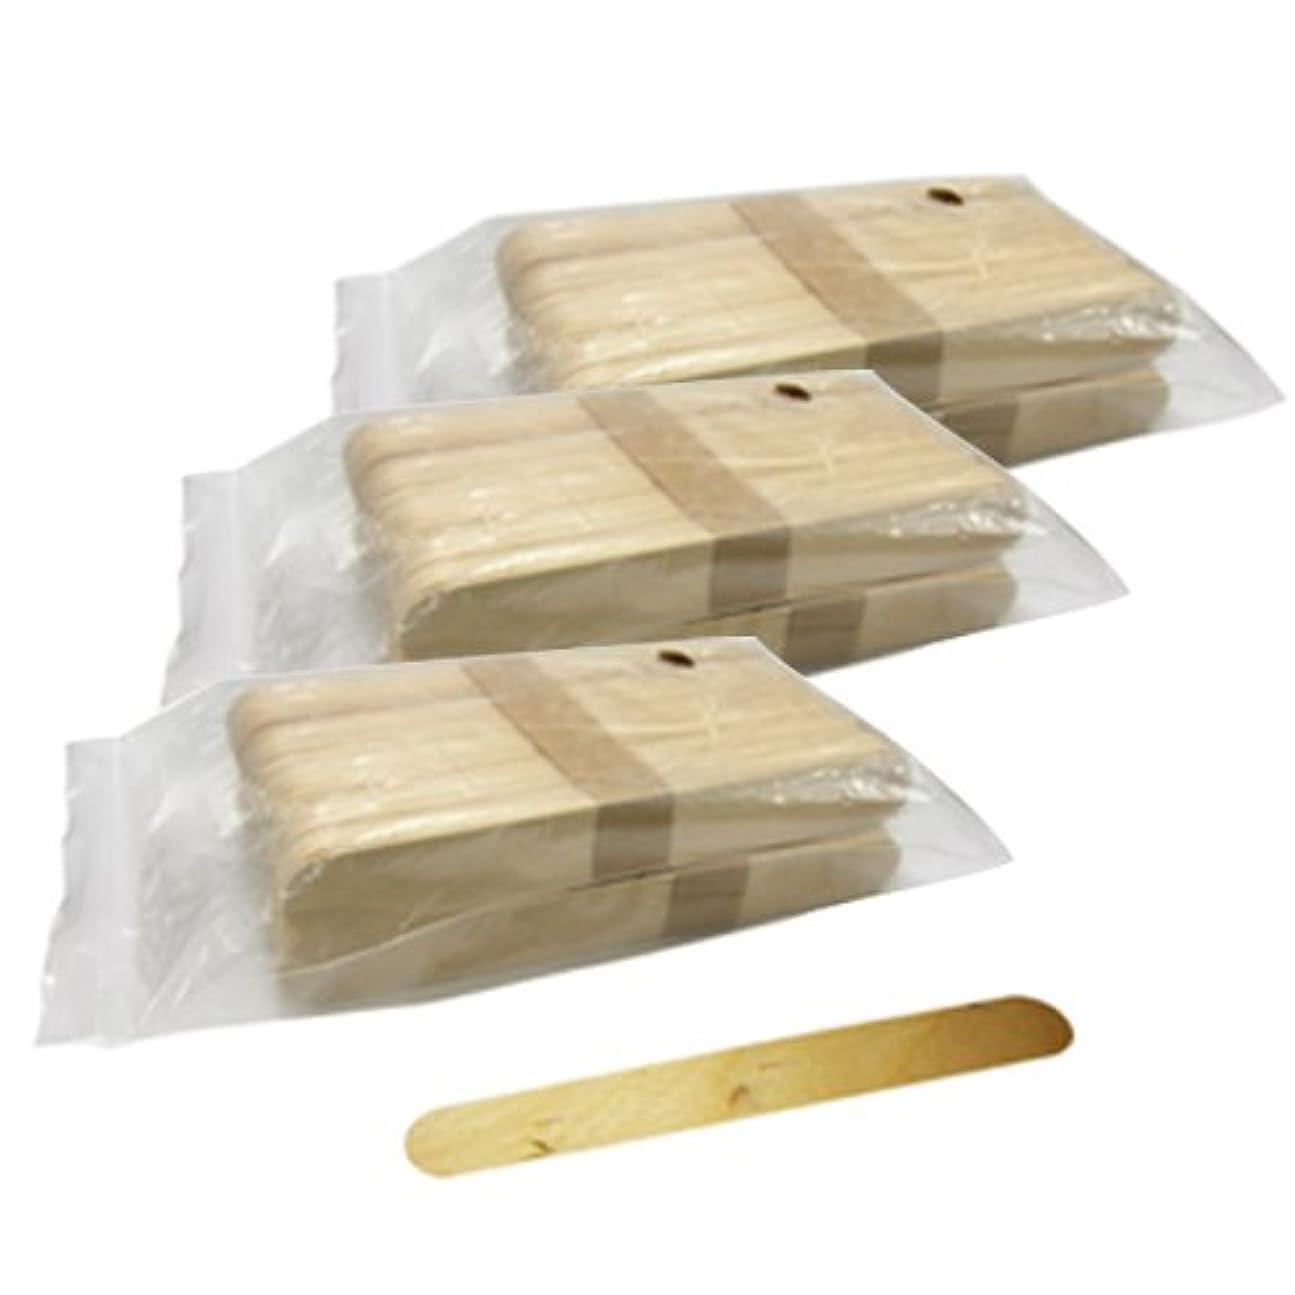 理容室洞察力のある柔和使い捨て【木ベラ/ウッドスパチュラ】(業務用100枚入り) × 3袋セット(計300枚)/WAX脱毛等や舌厚子にも …